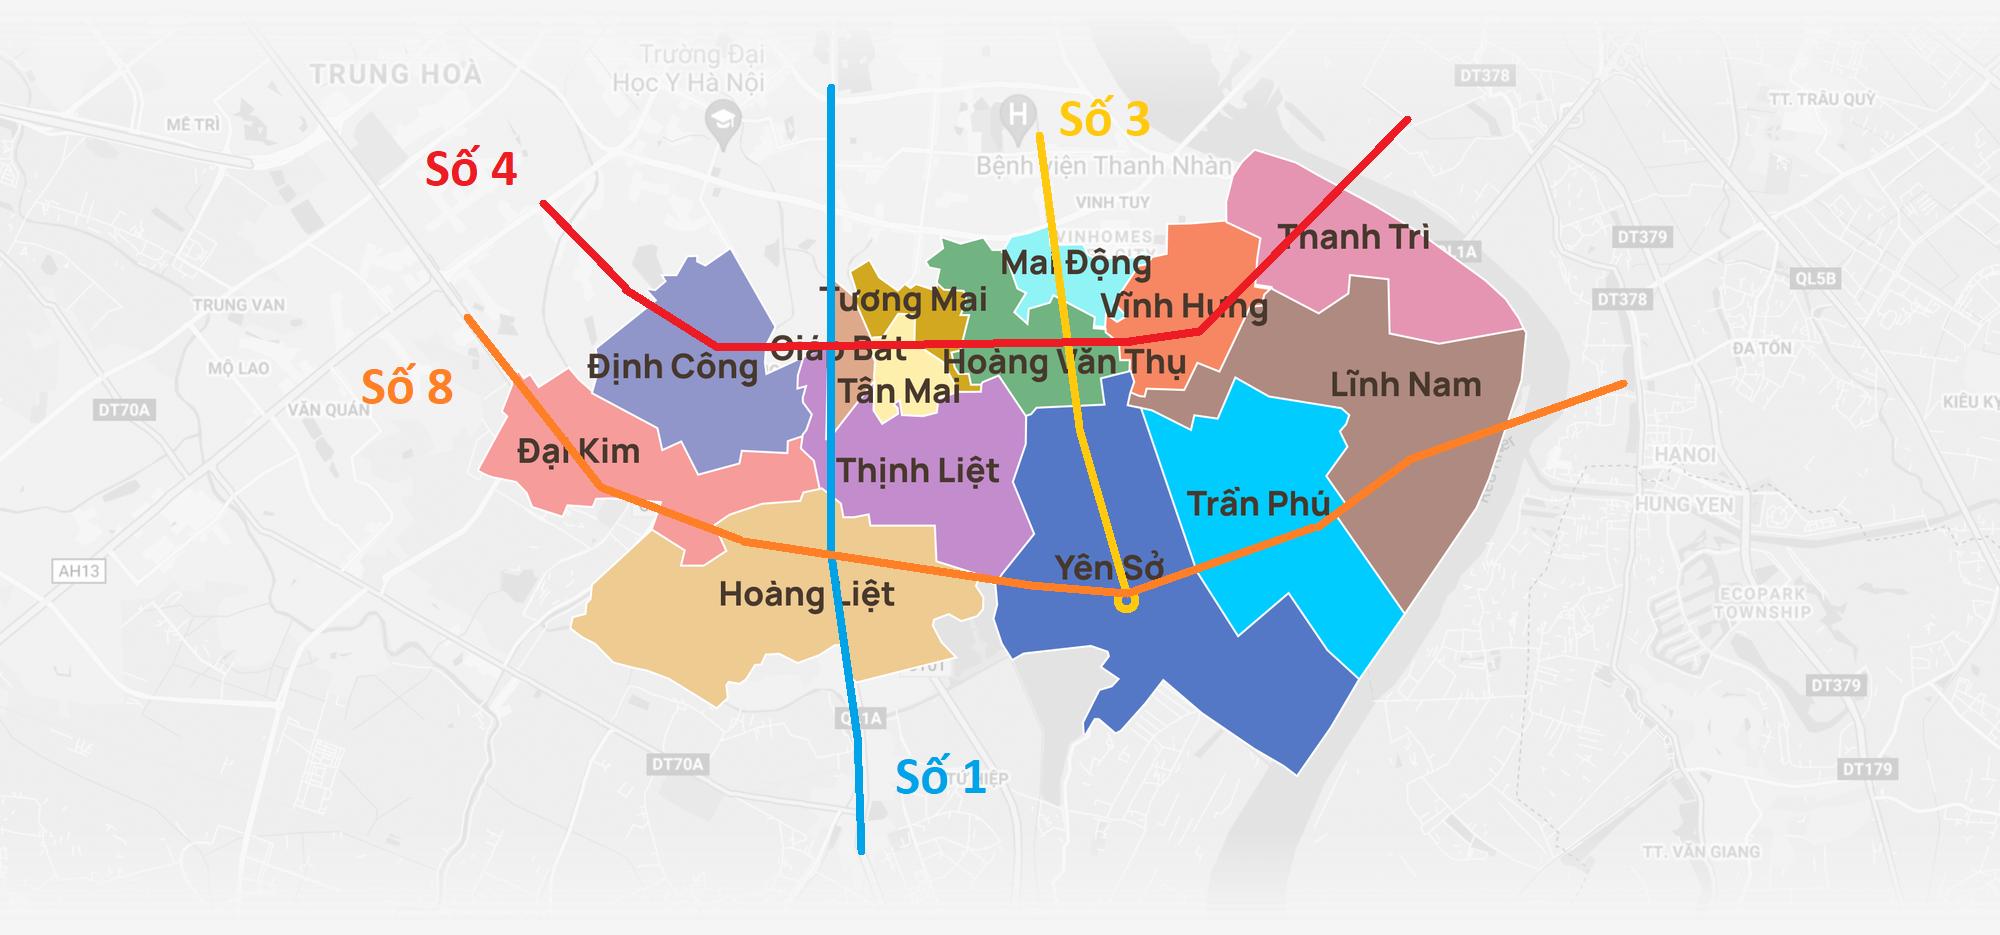 Loạt thông tin quy hoạch nên biết khi mua nhà đất tại quận Hoàng Mai, Hà Nội - Ảnh 11.